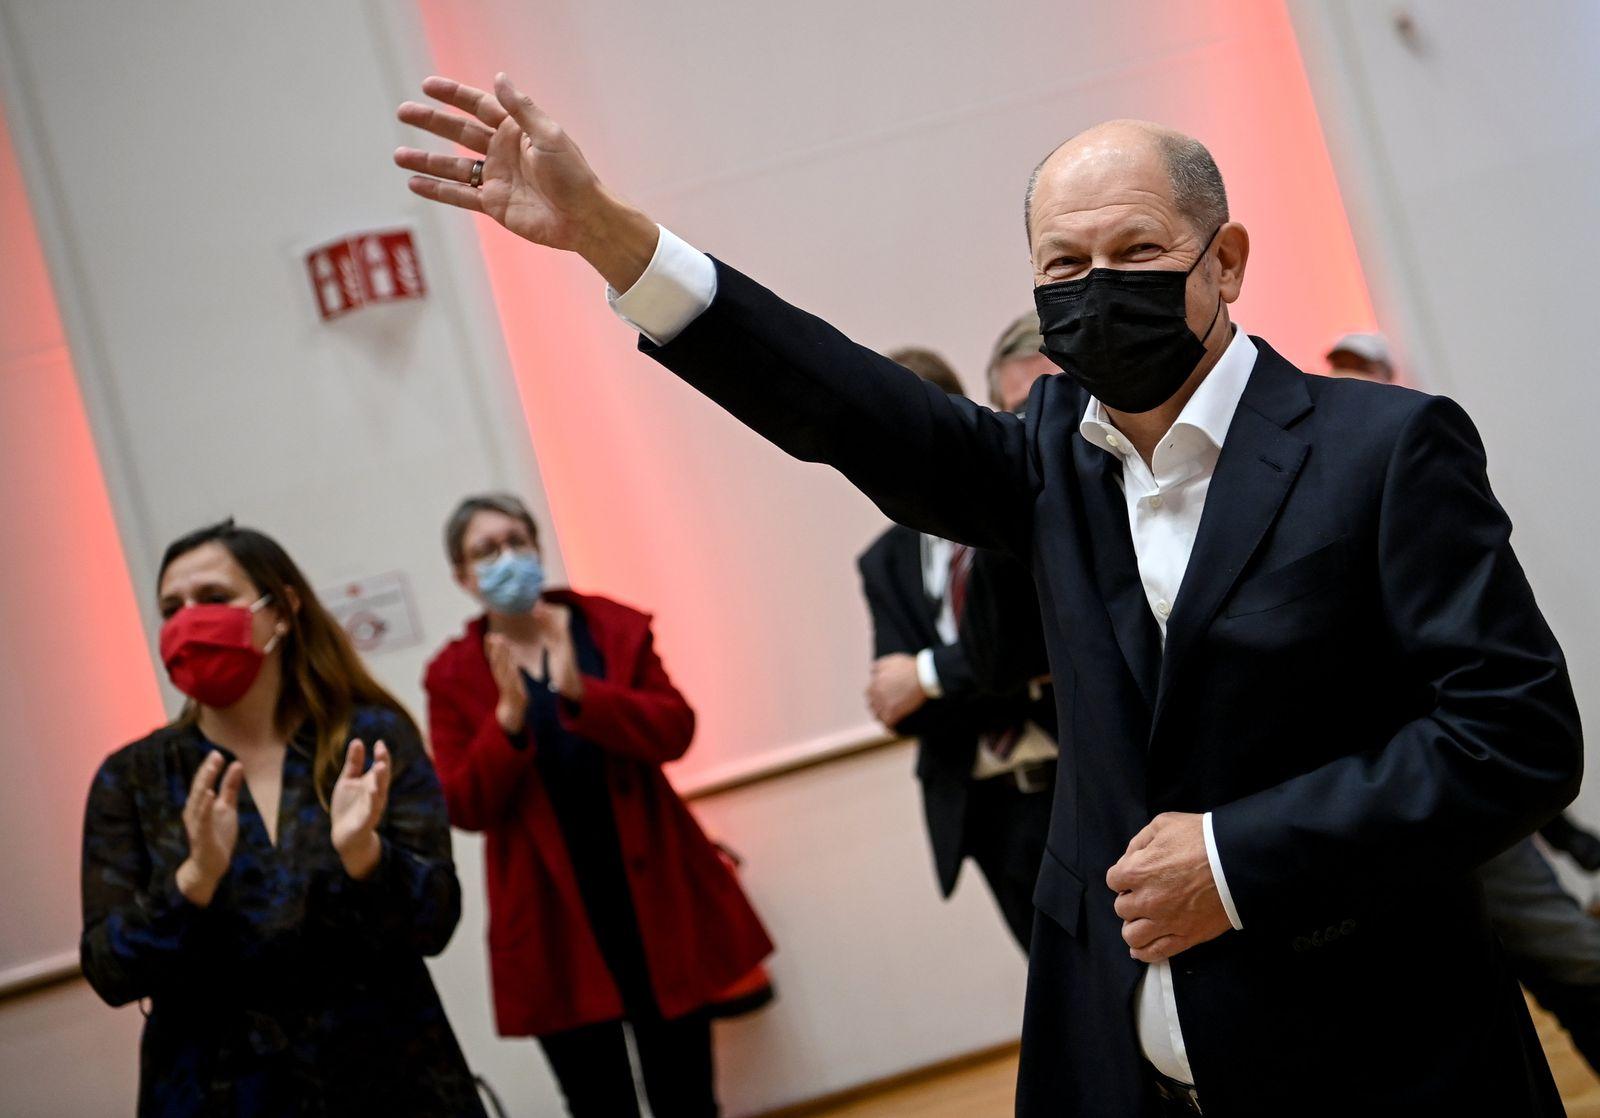 Wahlkreiskonferenz der Brandenburger SPD